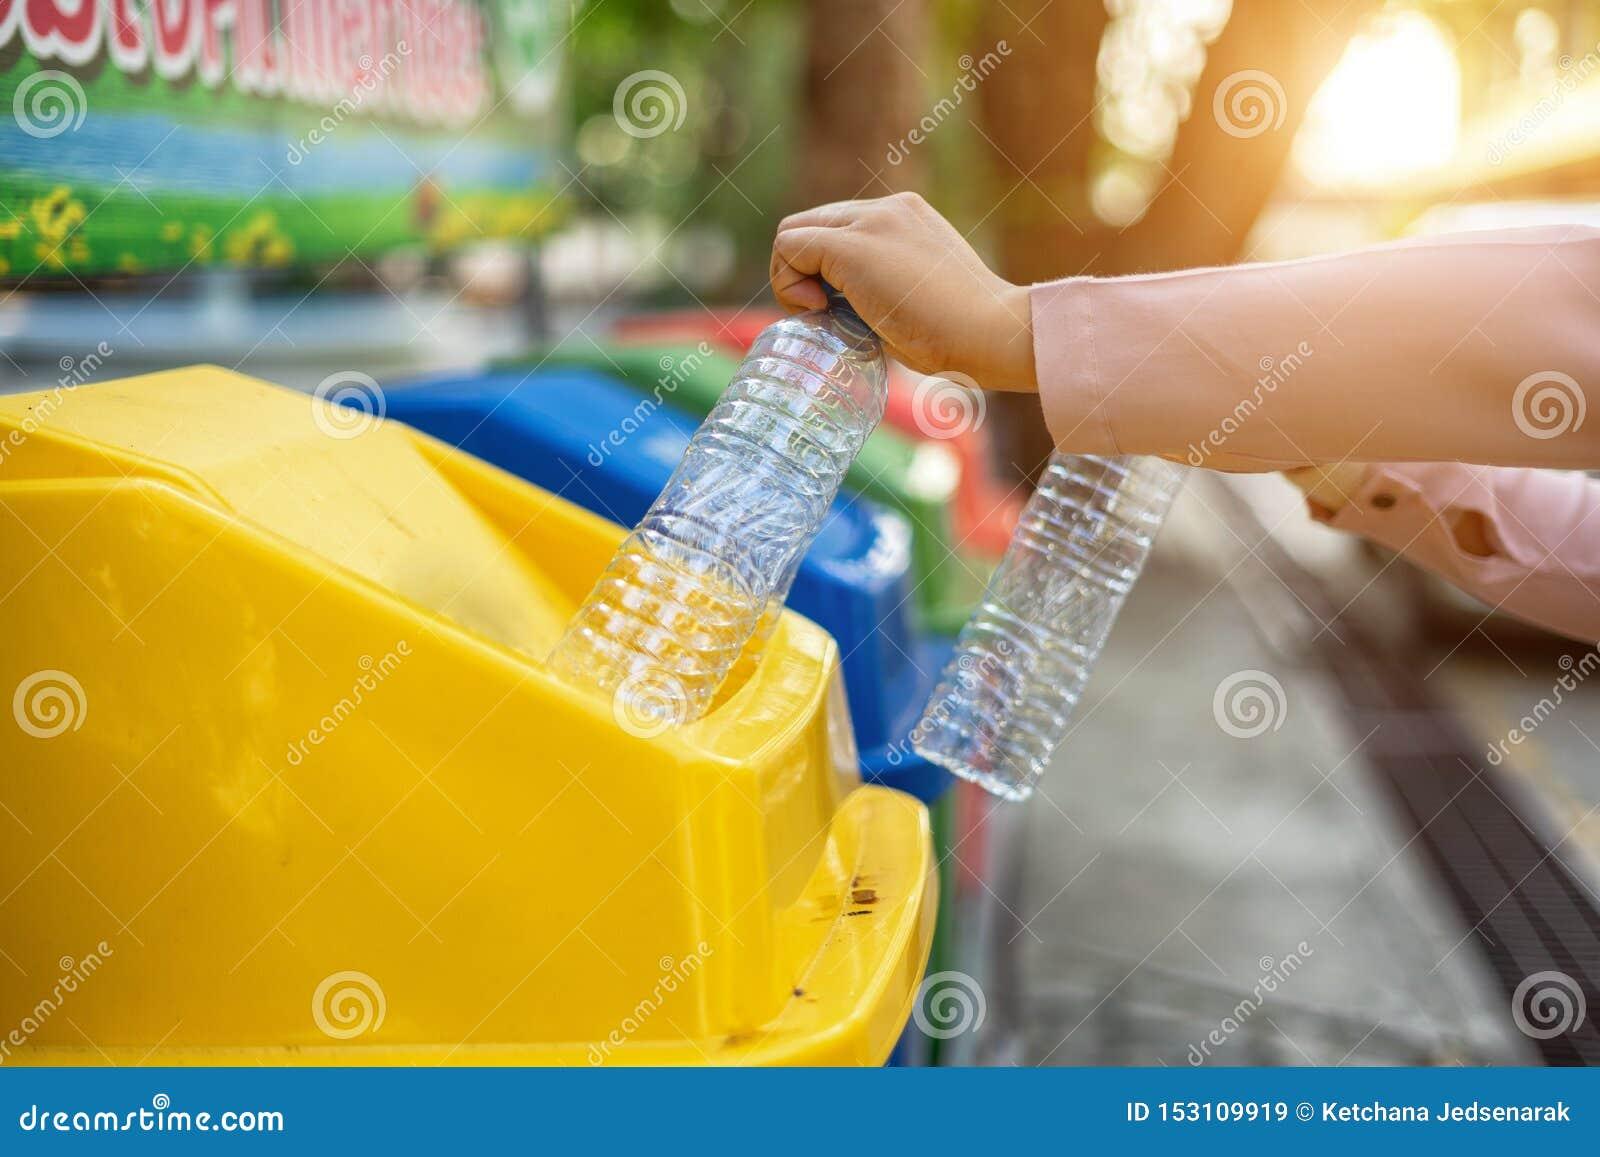 Überschüssige Plastikflaschen in Wiederverwertungsbehälter zu trennen ist, die Umwelt zu schützen und verursacht keine Verschmutz